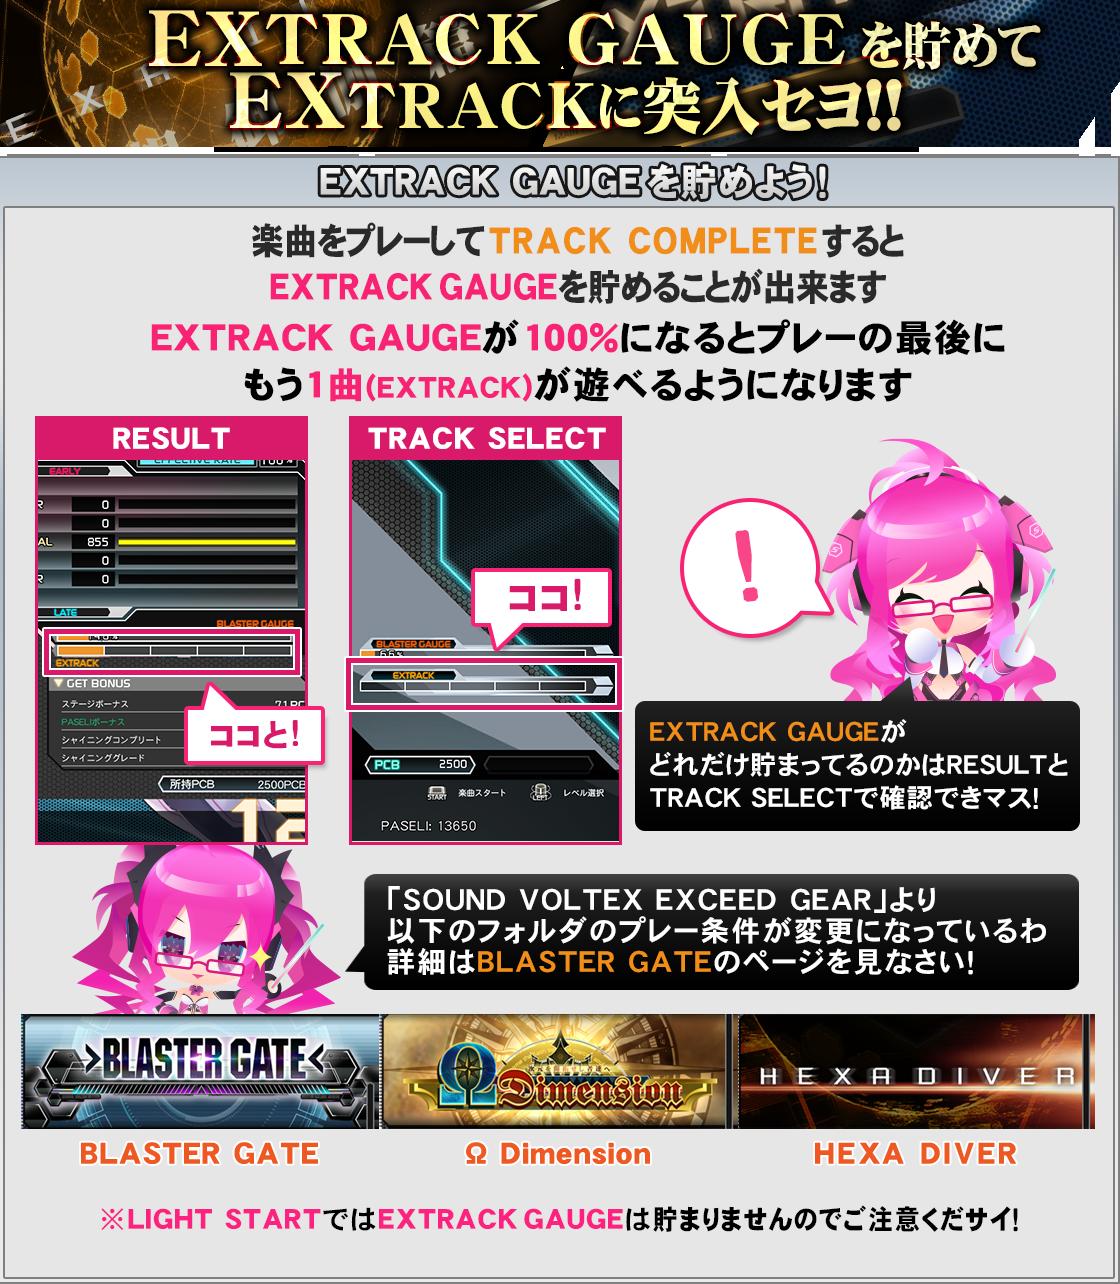 EXTRACK